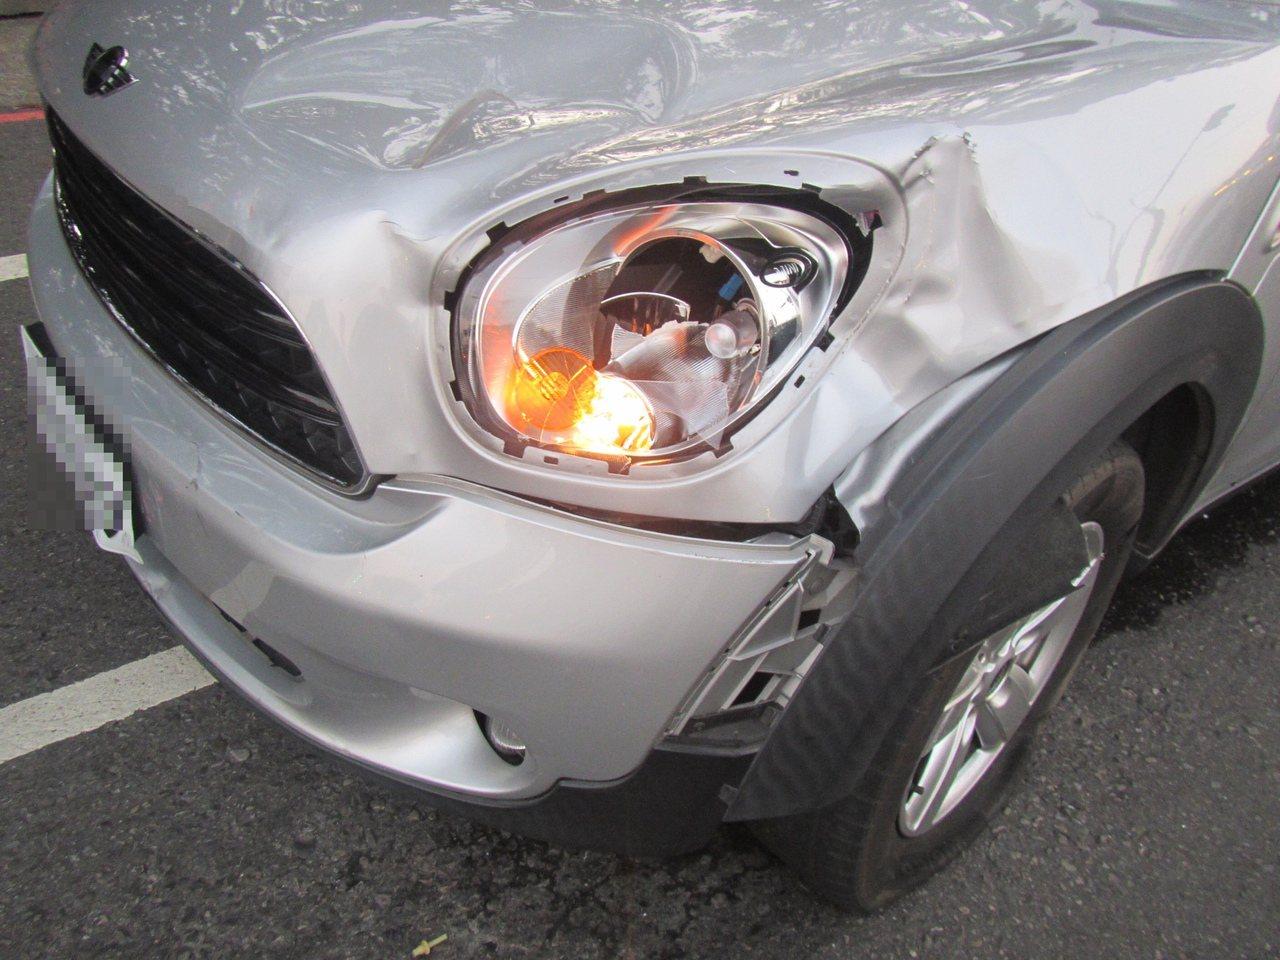 涉嫌肇事的楊姓女駕駛,車頭左側凹陷、保險桿掉落、擋風玻璃碎裂。圖/民眾提供